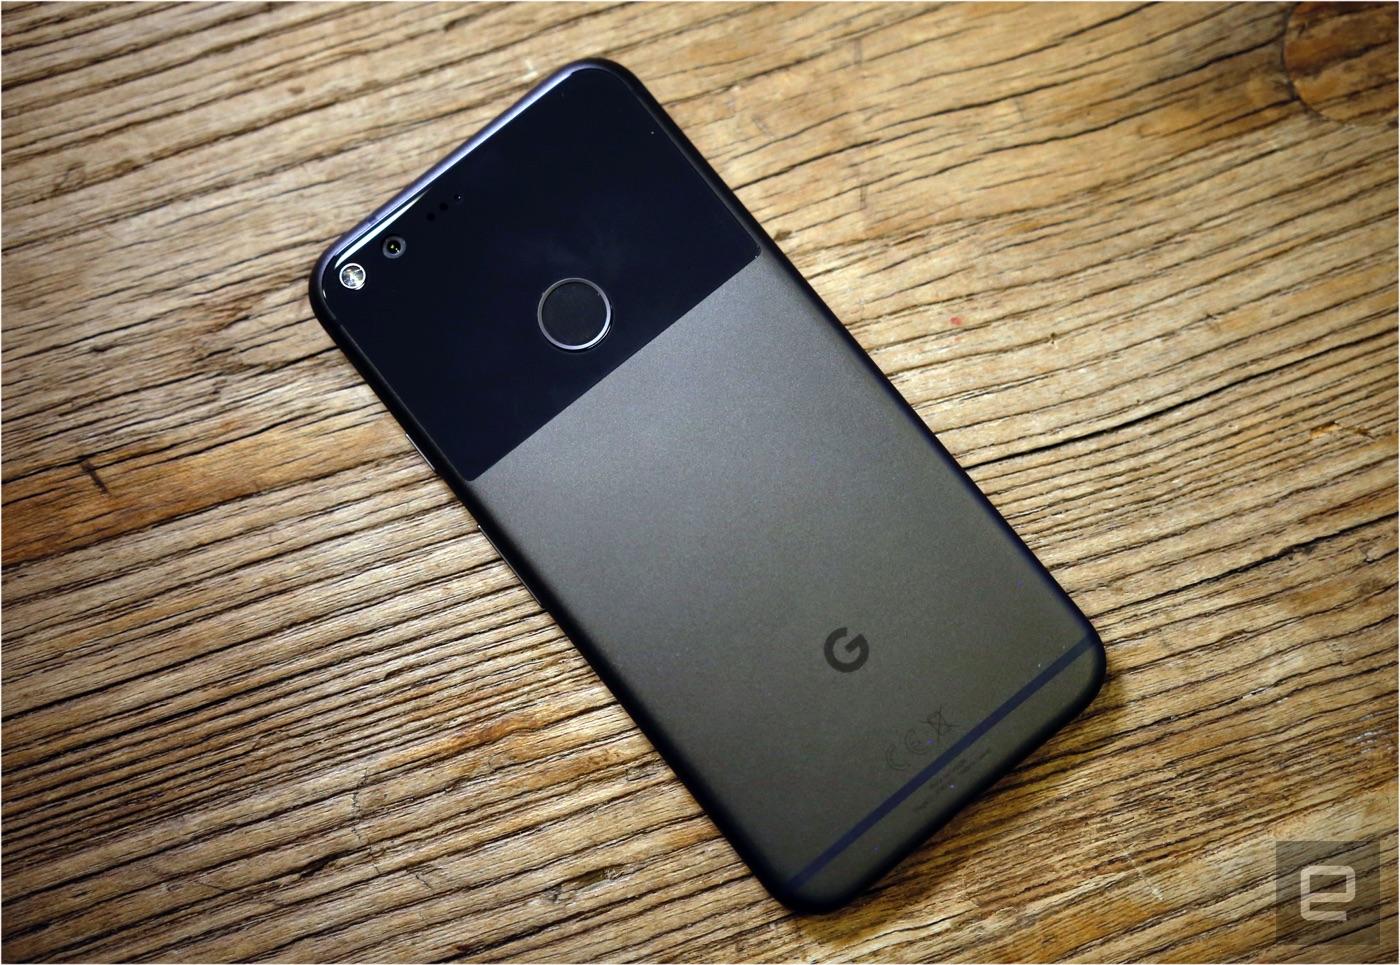 El próximo Pixel de Google tendría pantalla curva como el Galaxy S8